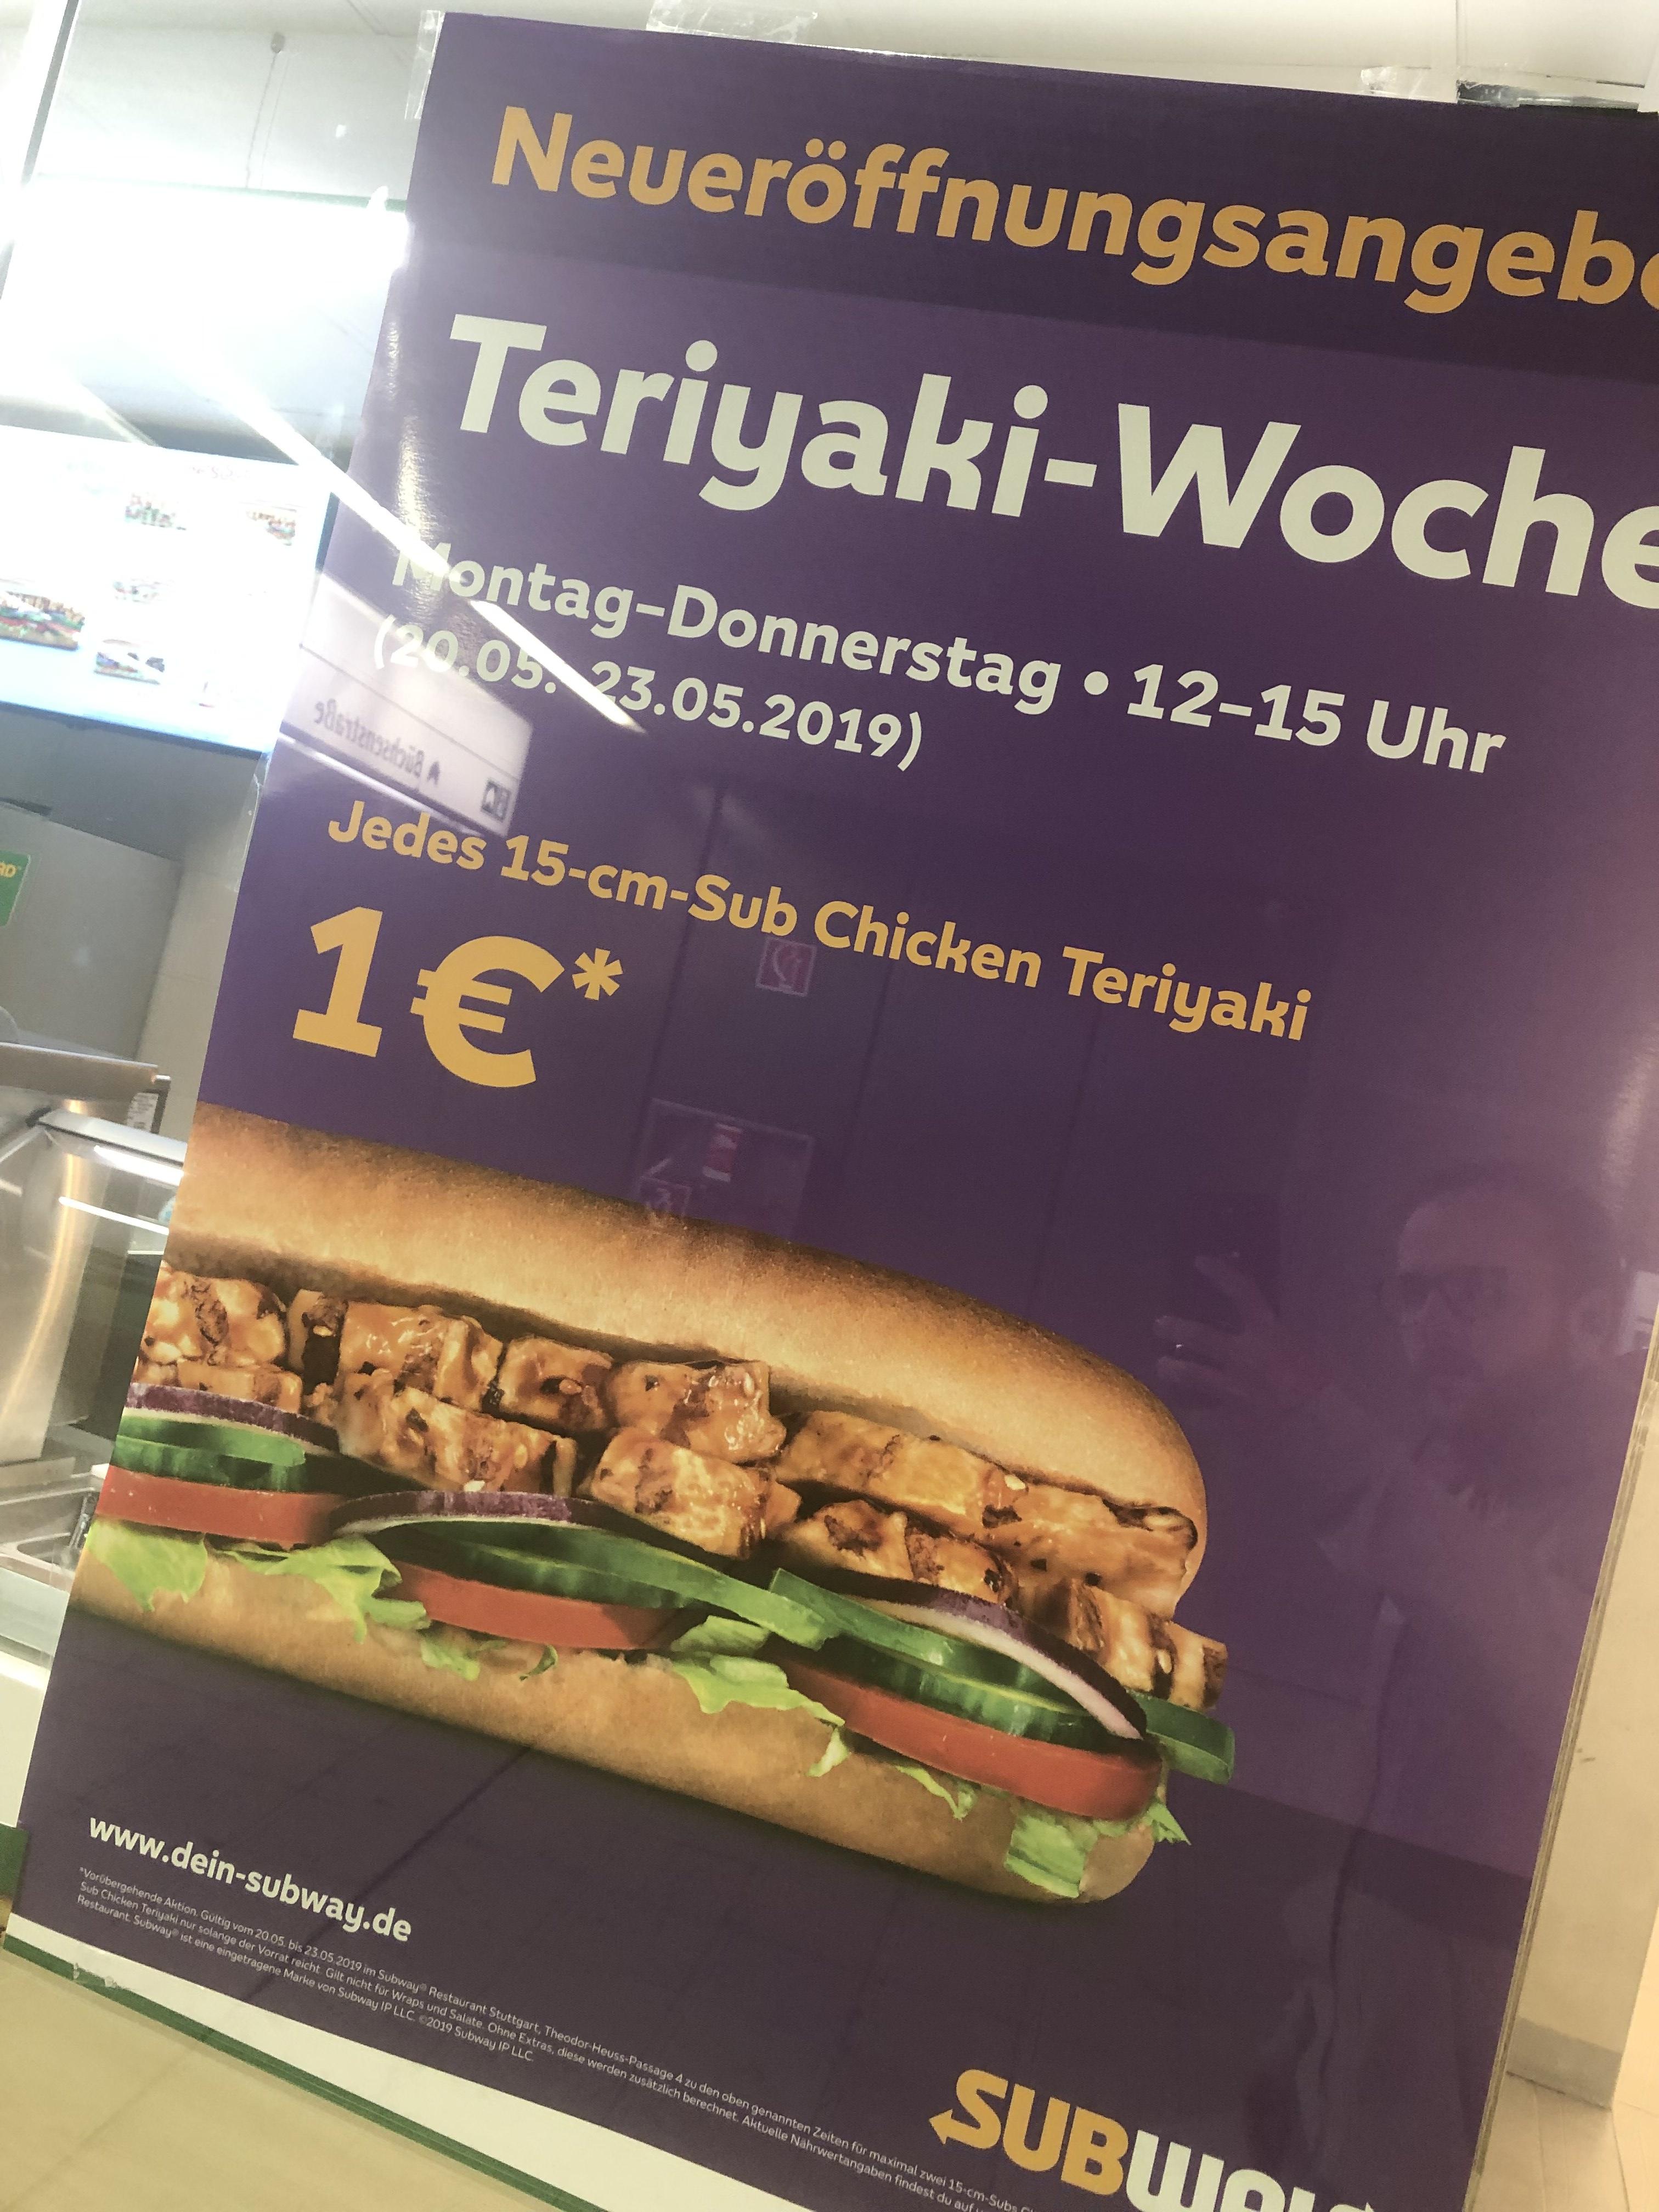 (Lokal / Ankündigung) Subway Stuttgart-Mitte Chicken Teriyaki (15cm) für 1€